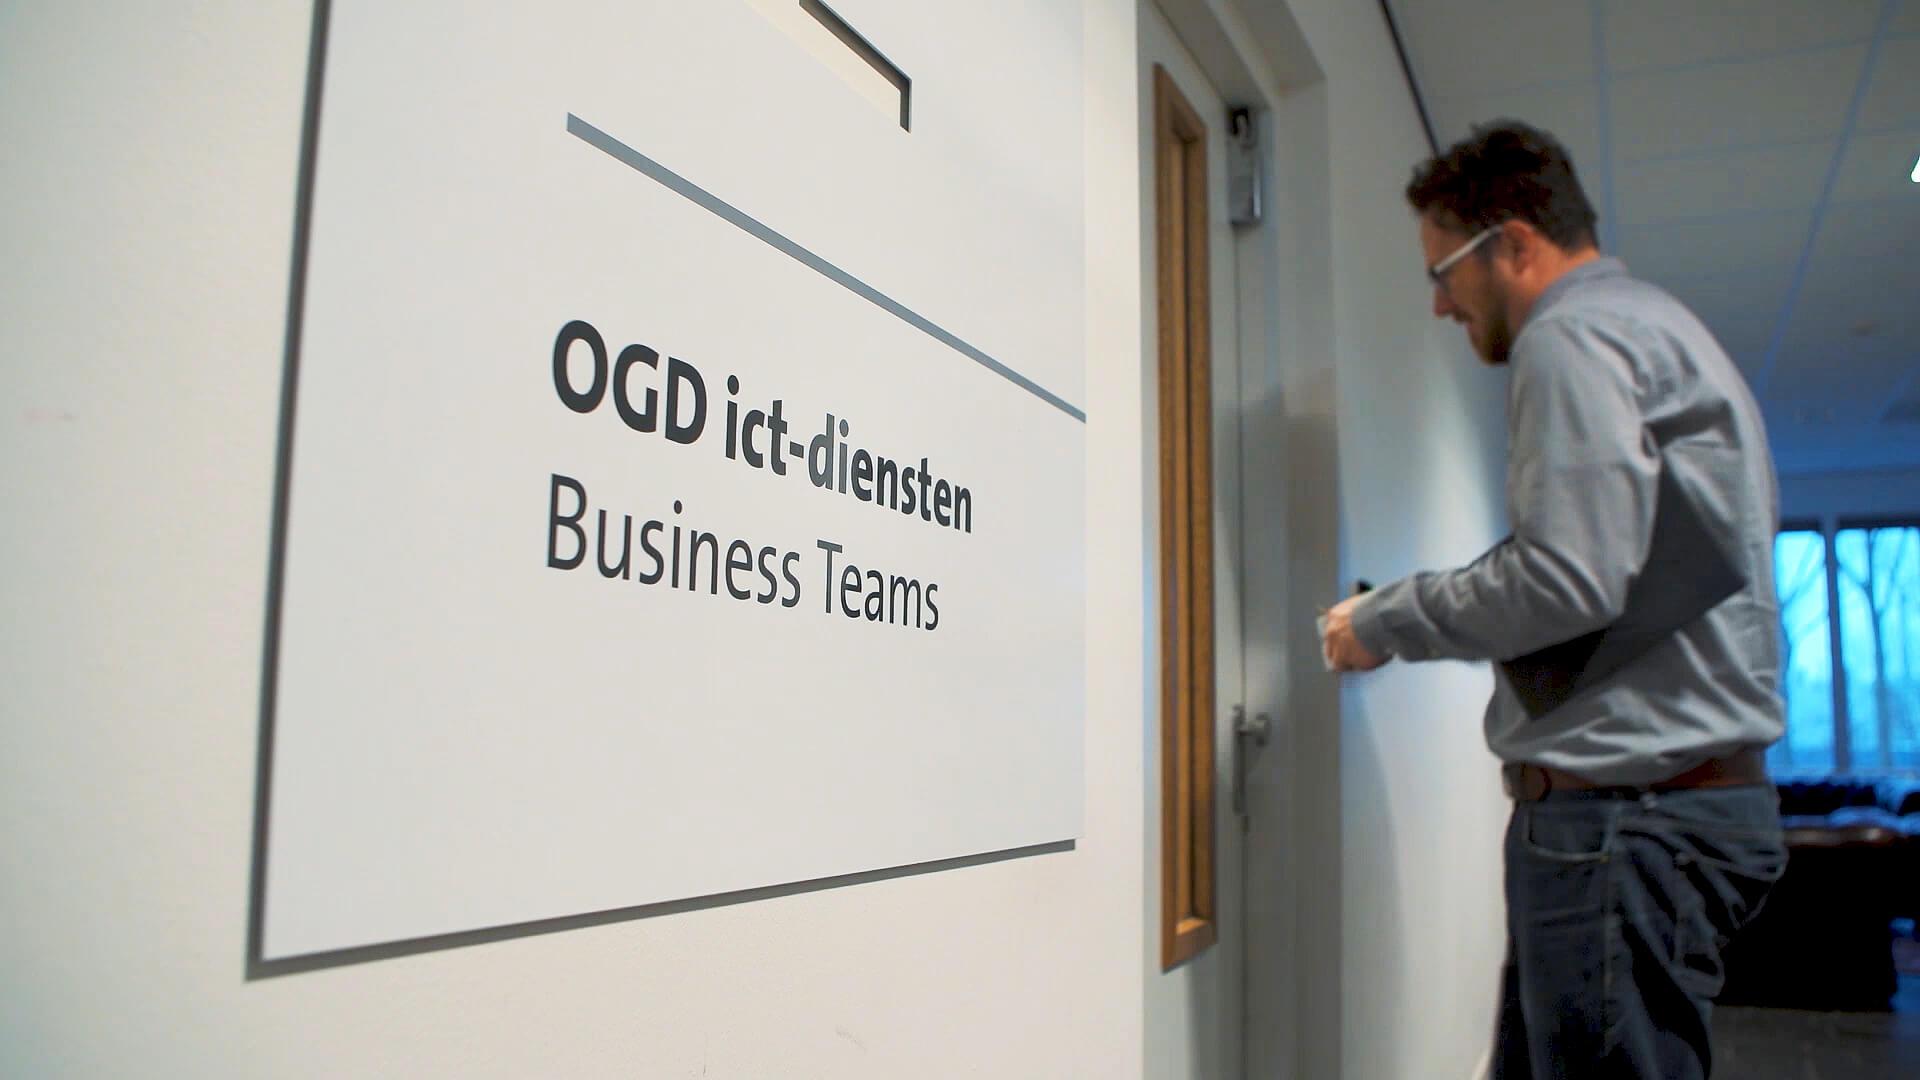 OGD ict-diensten is een deelneming van Bolster Investment Partners